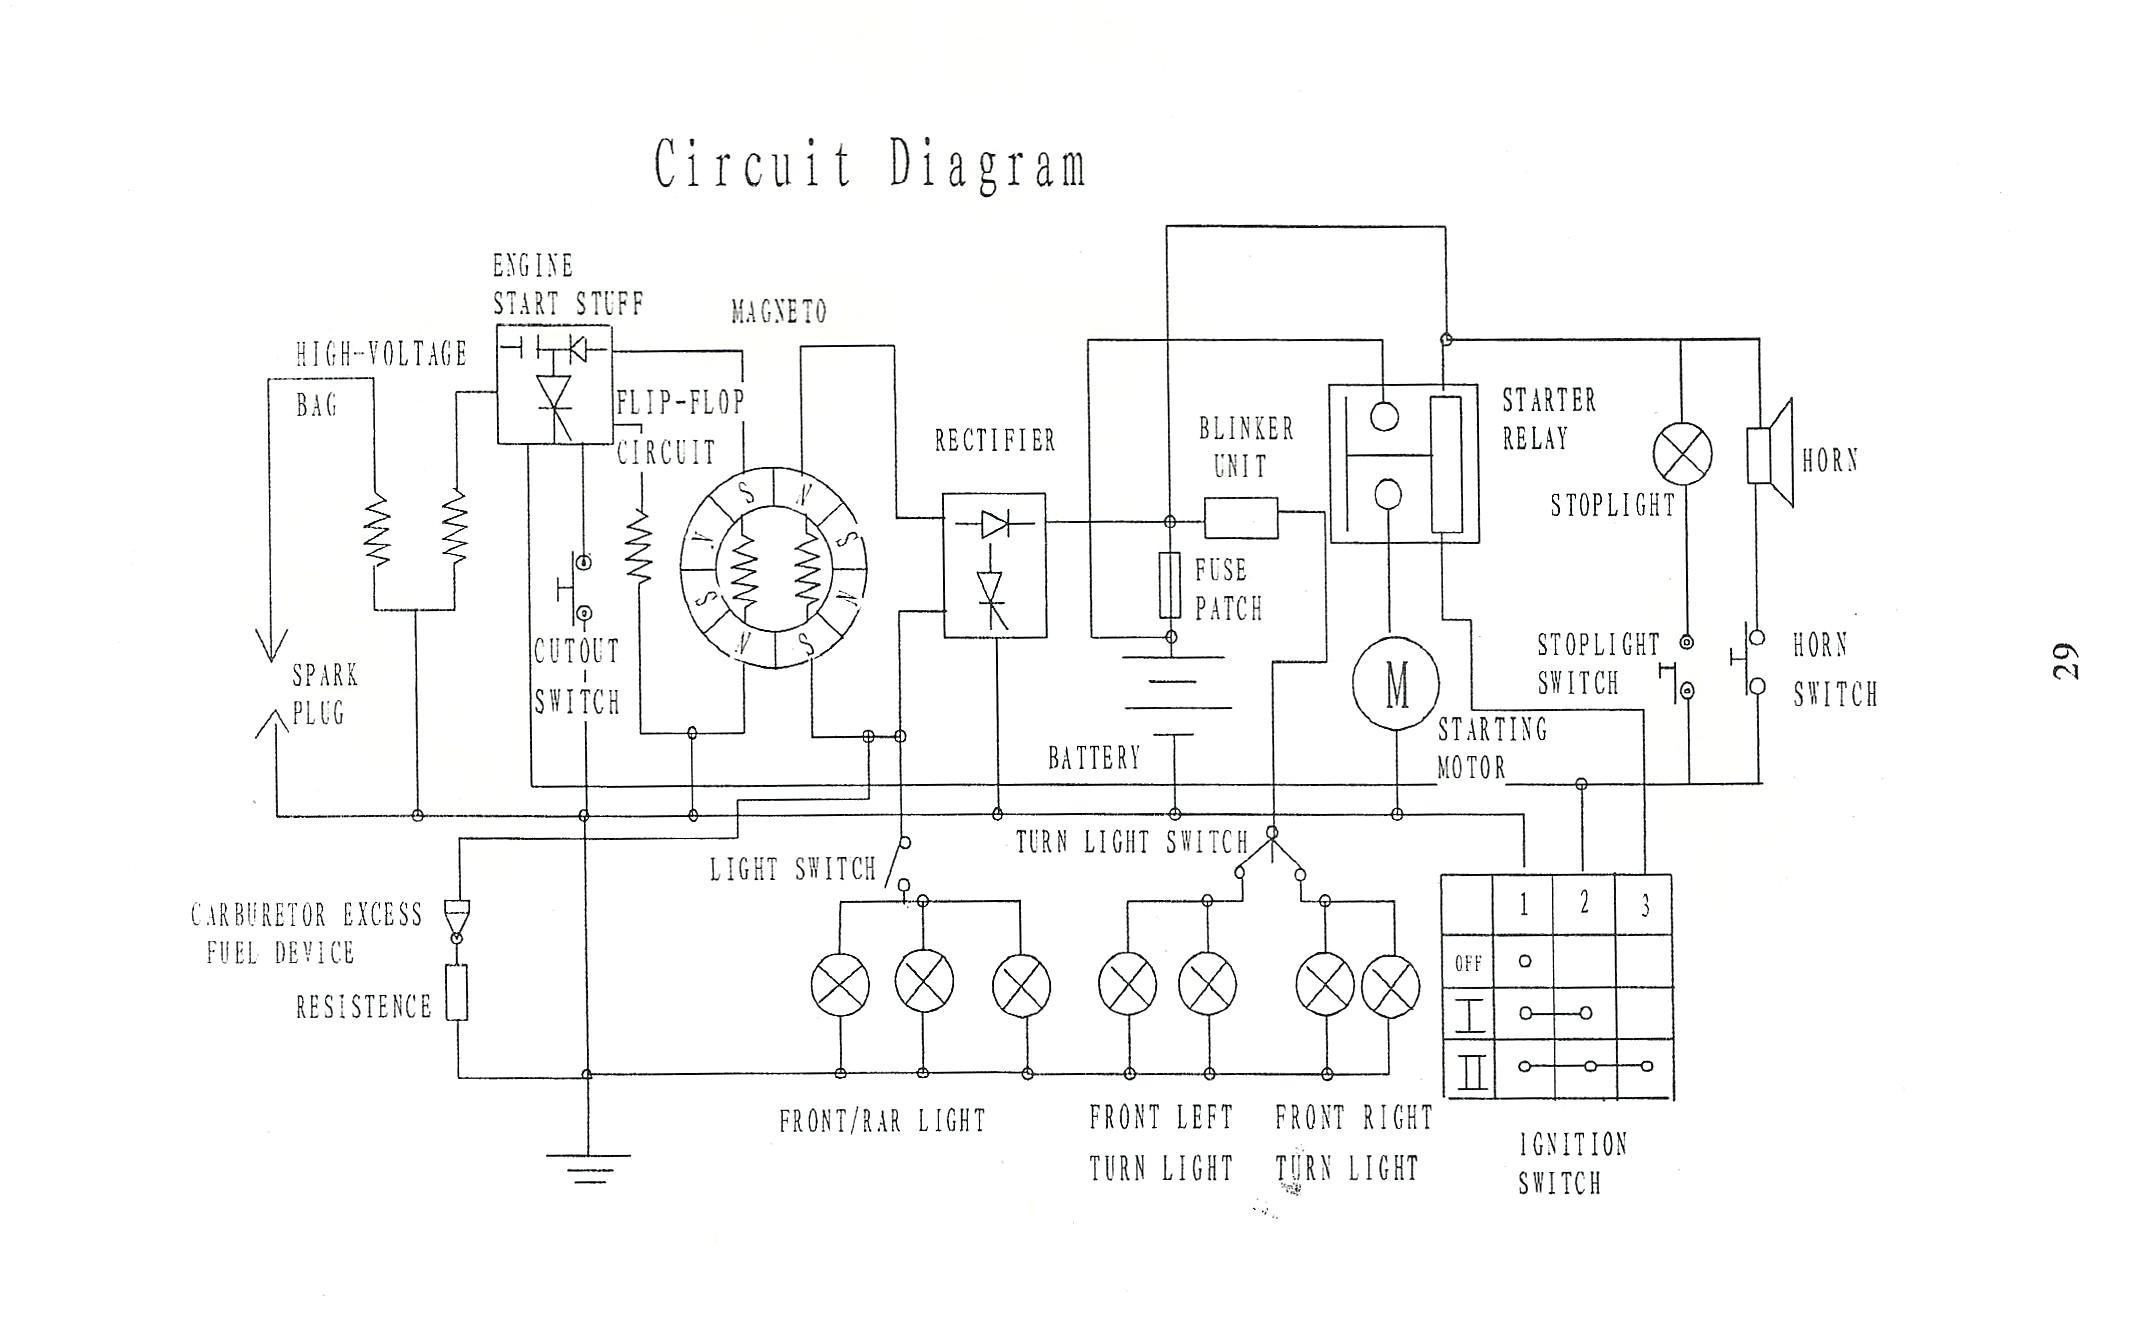 Go Kart Wiring Schematic - Wiring Diagram 500 Manco Scorpion Go Kart Wiring Diagram on